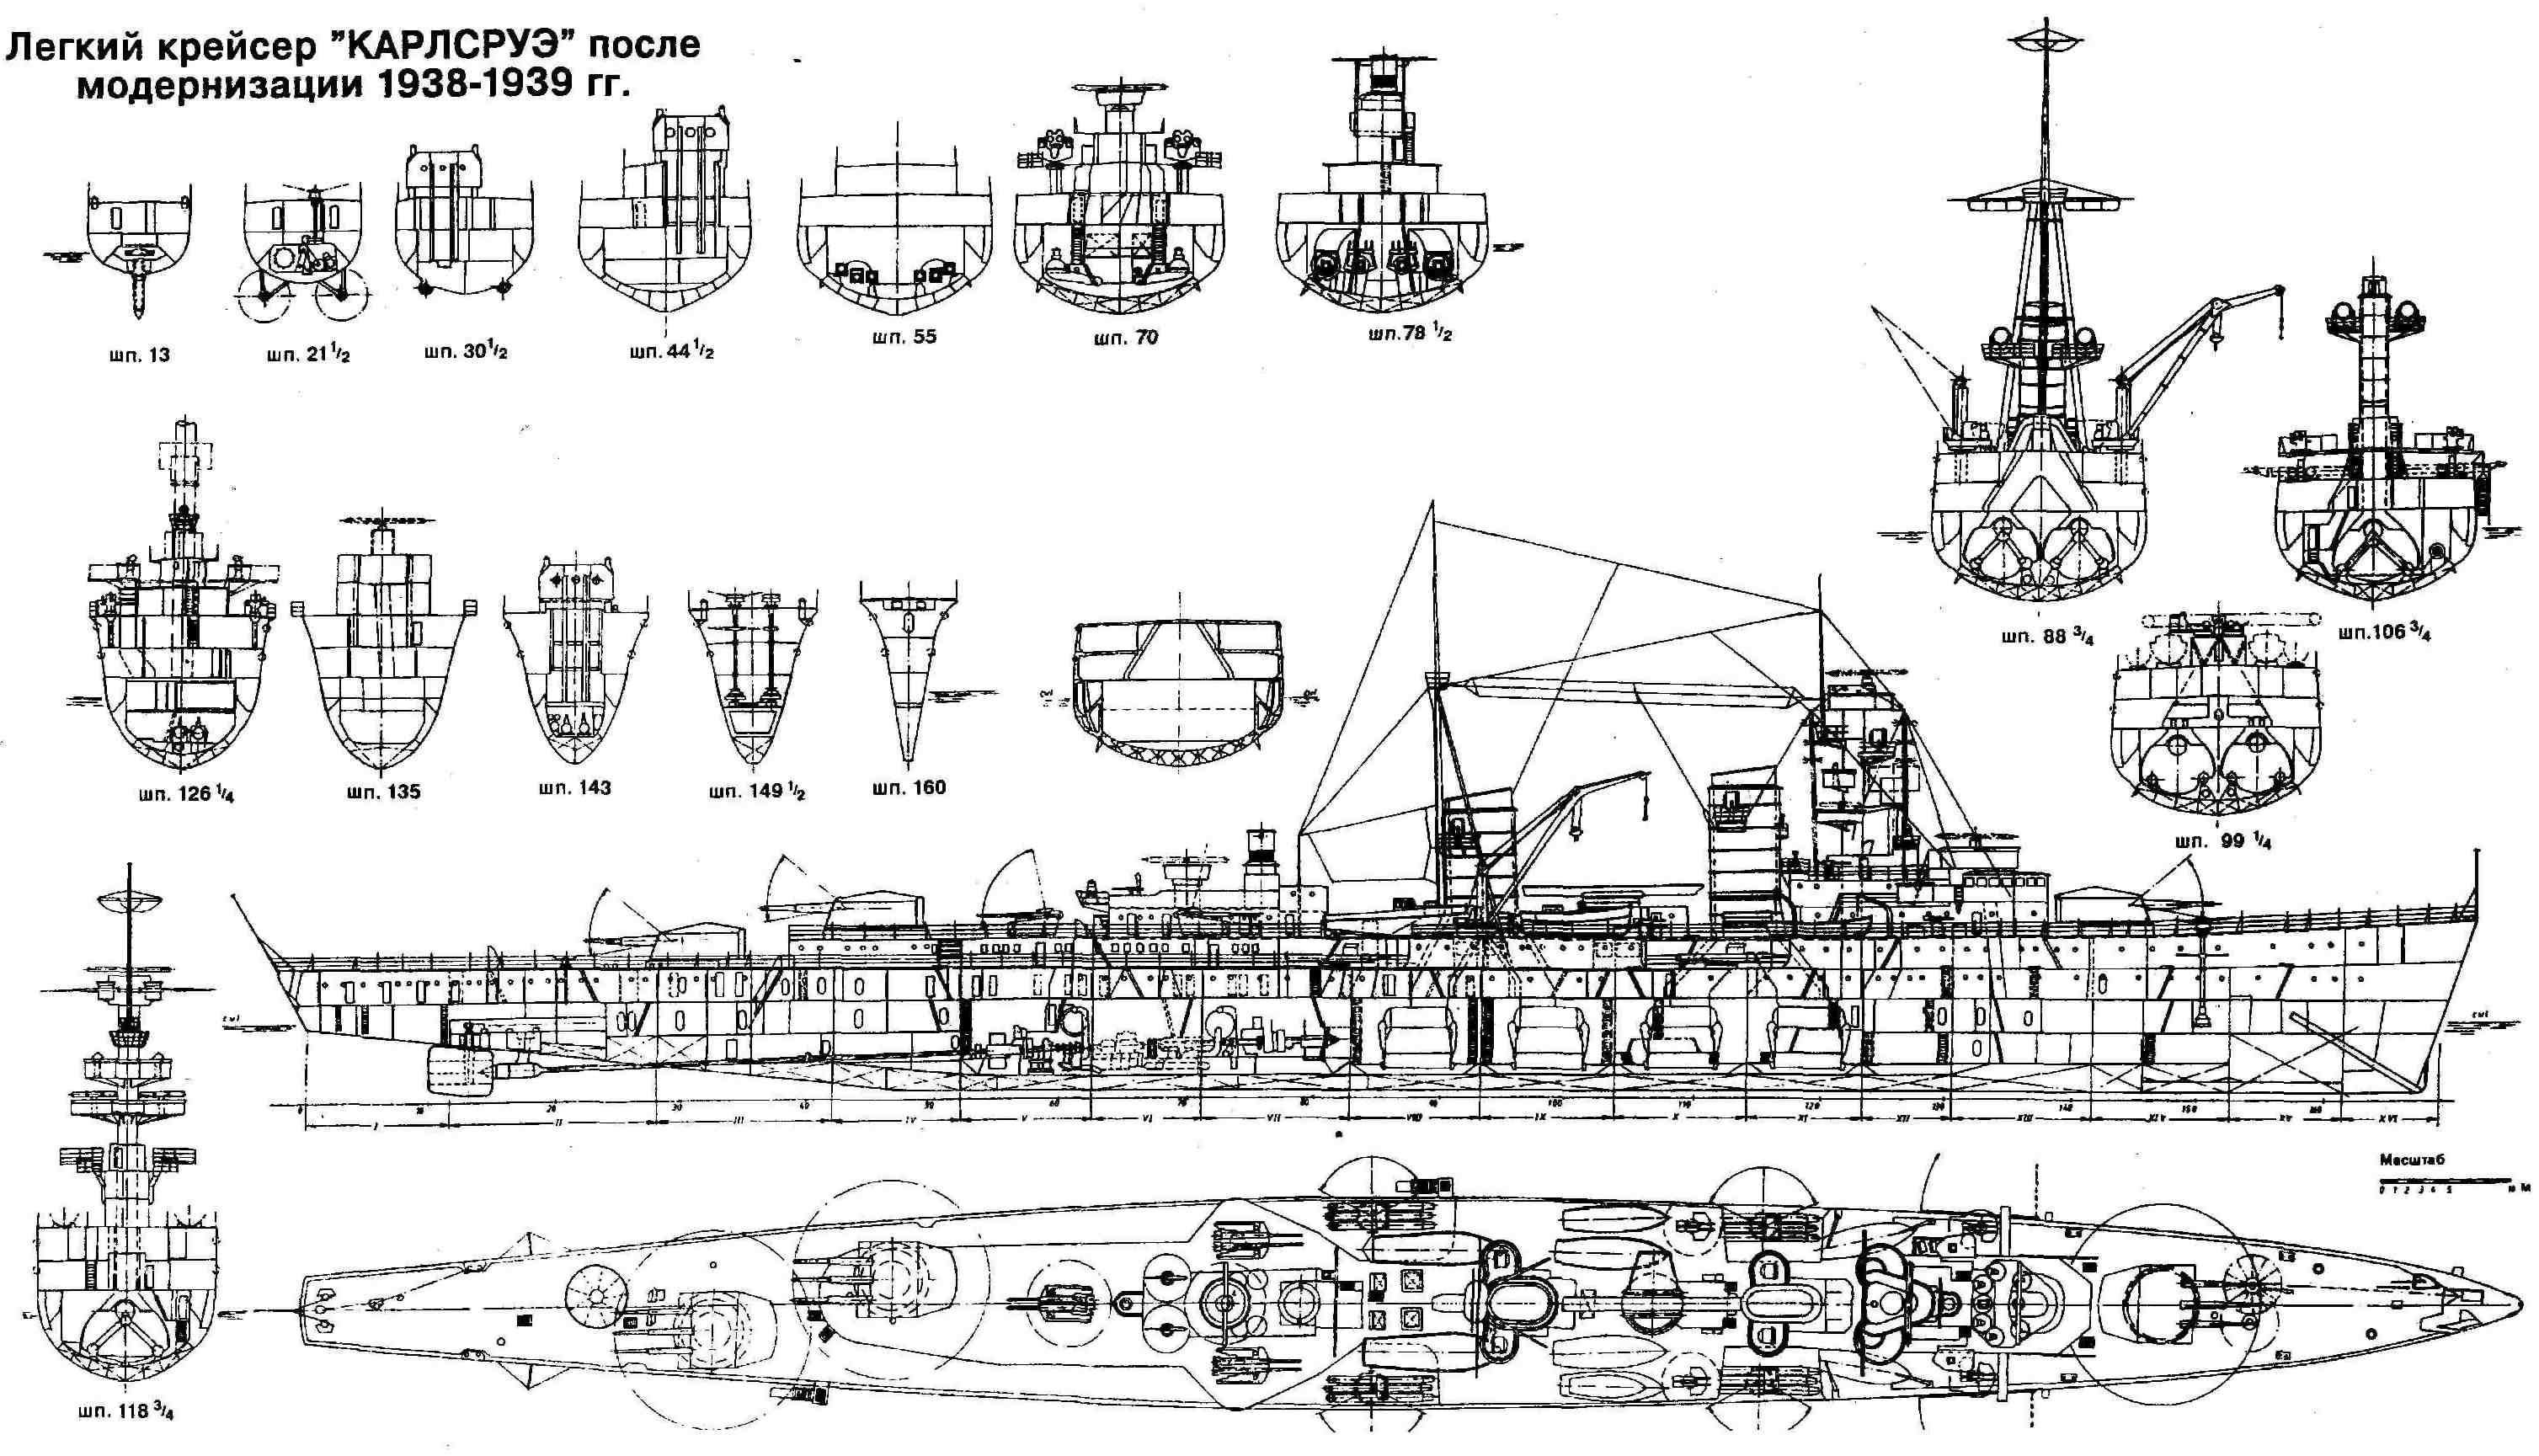 Image result for light cruiser karlsruhe 1939